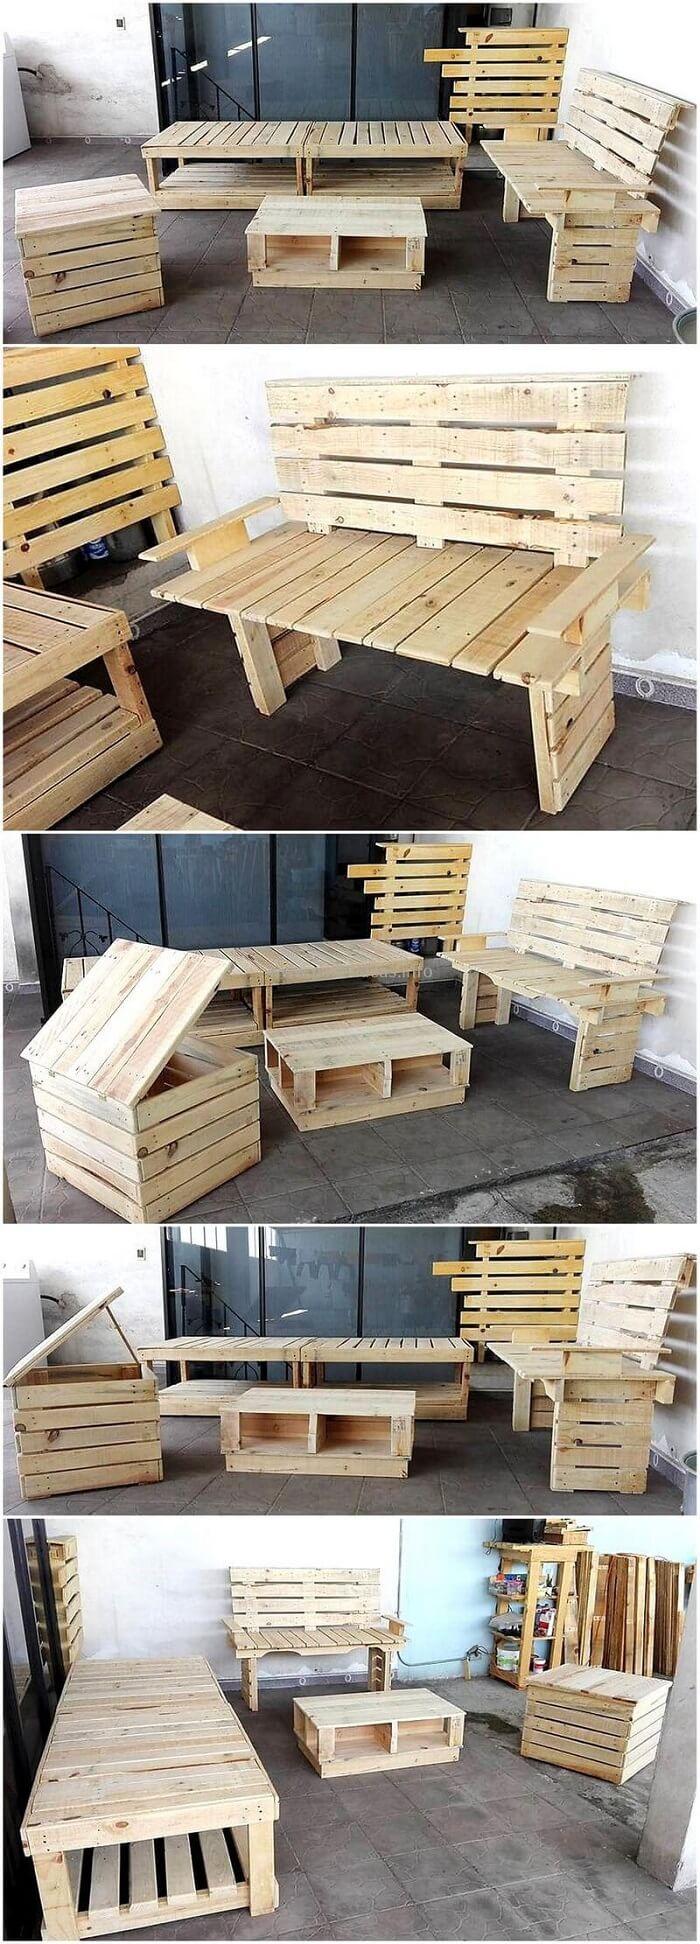 Diy-reused-wood-pallet-furniture-ideas